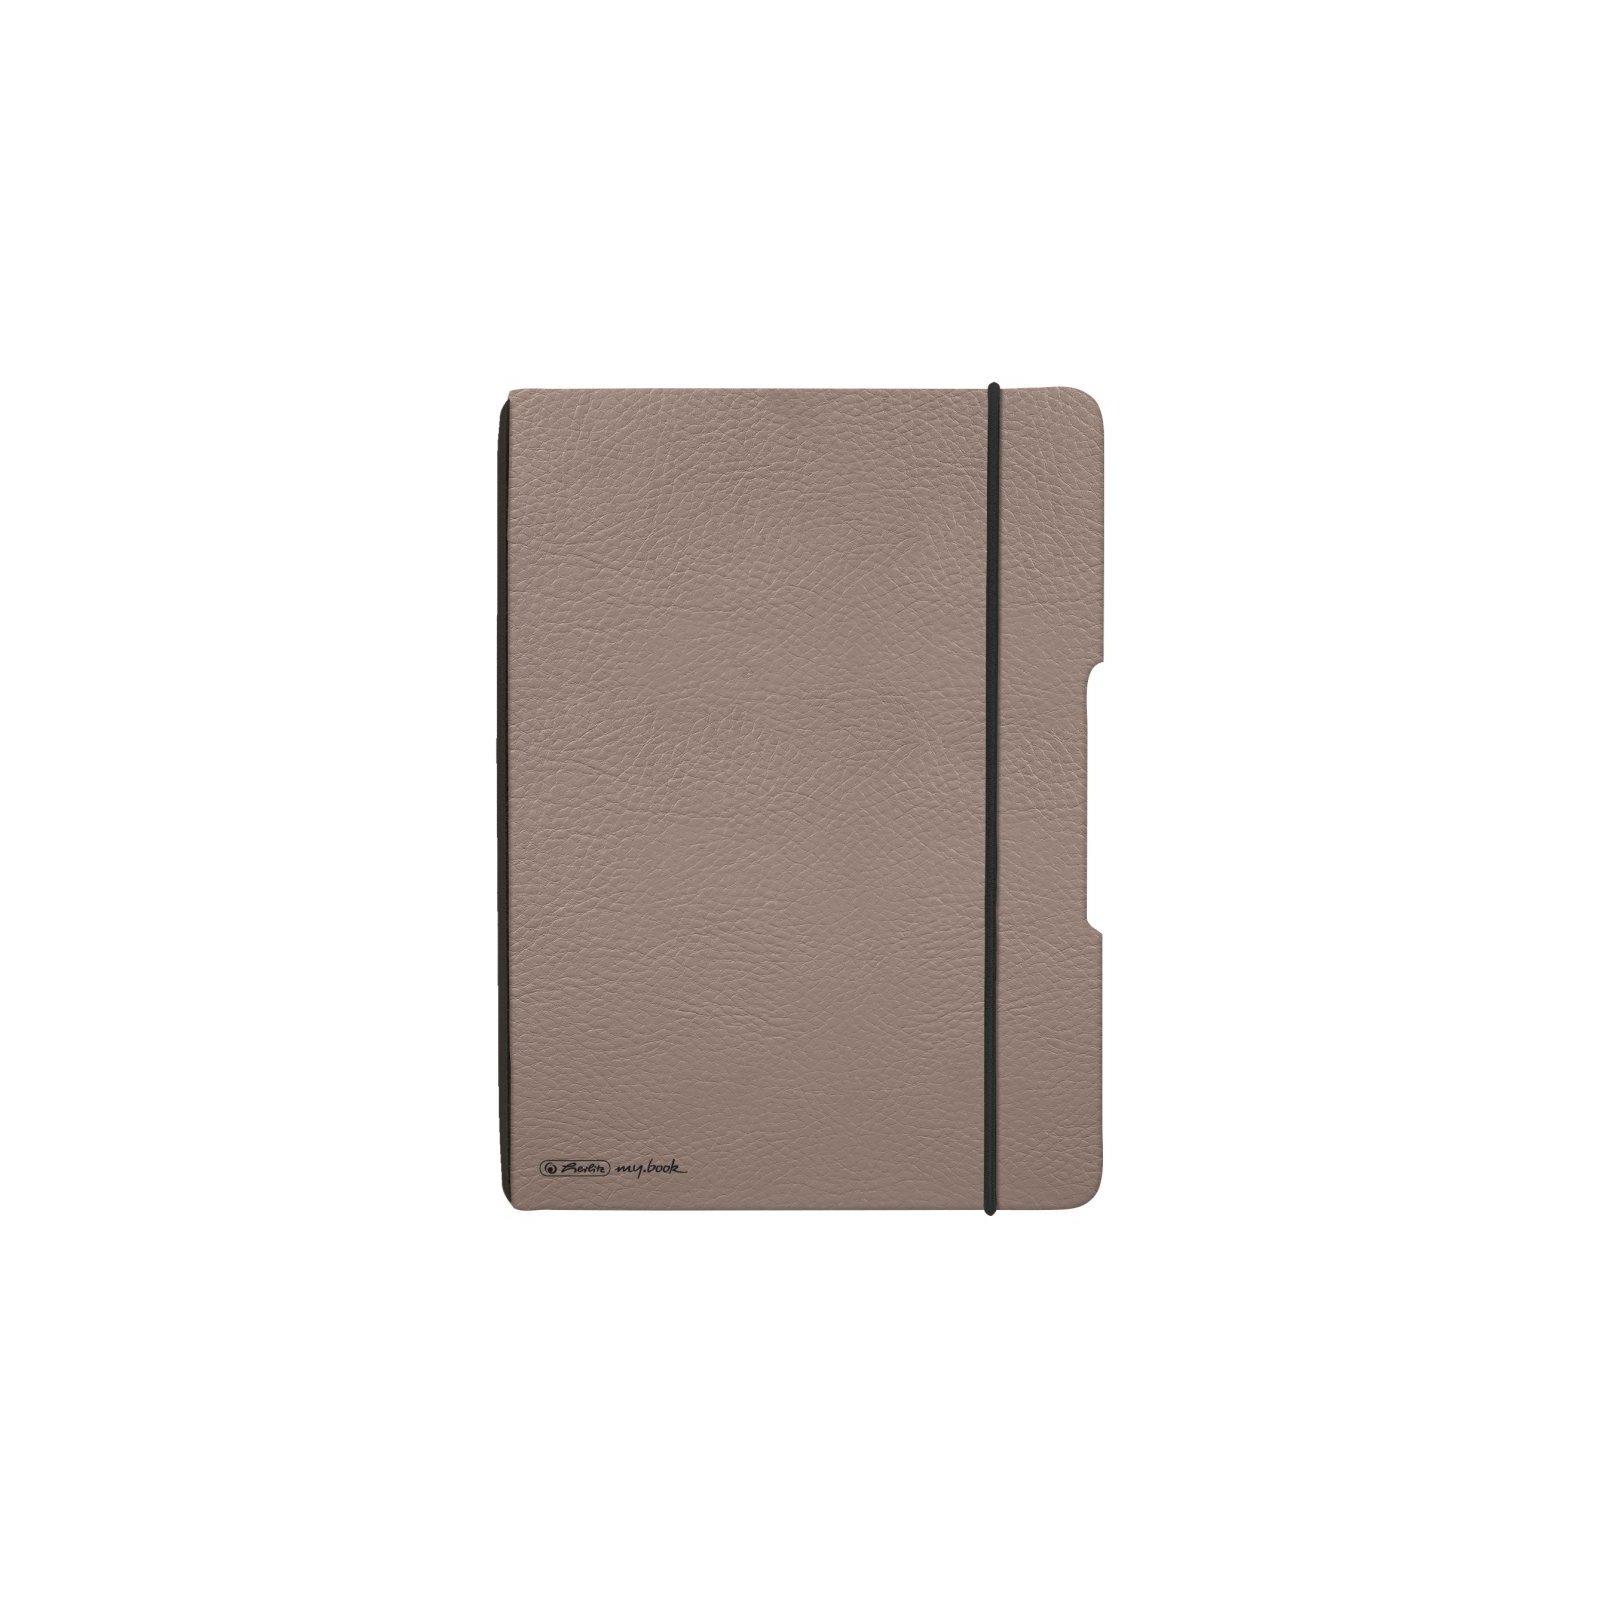 Herlitz Notizheft my.book flex A5 PU-Cover taupe mit 40 Blatt